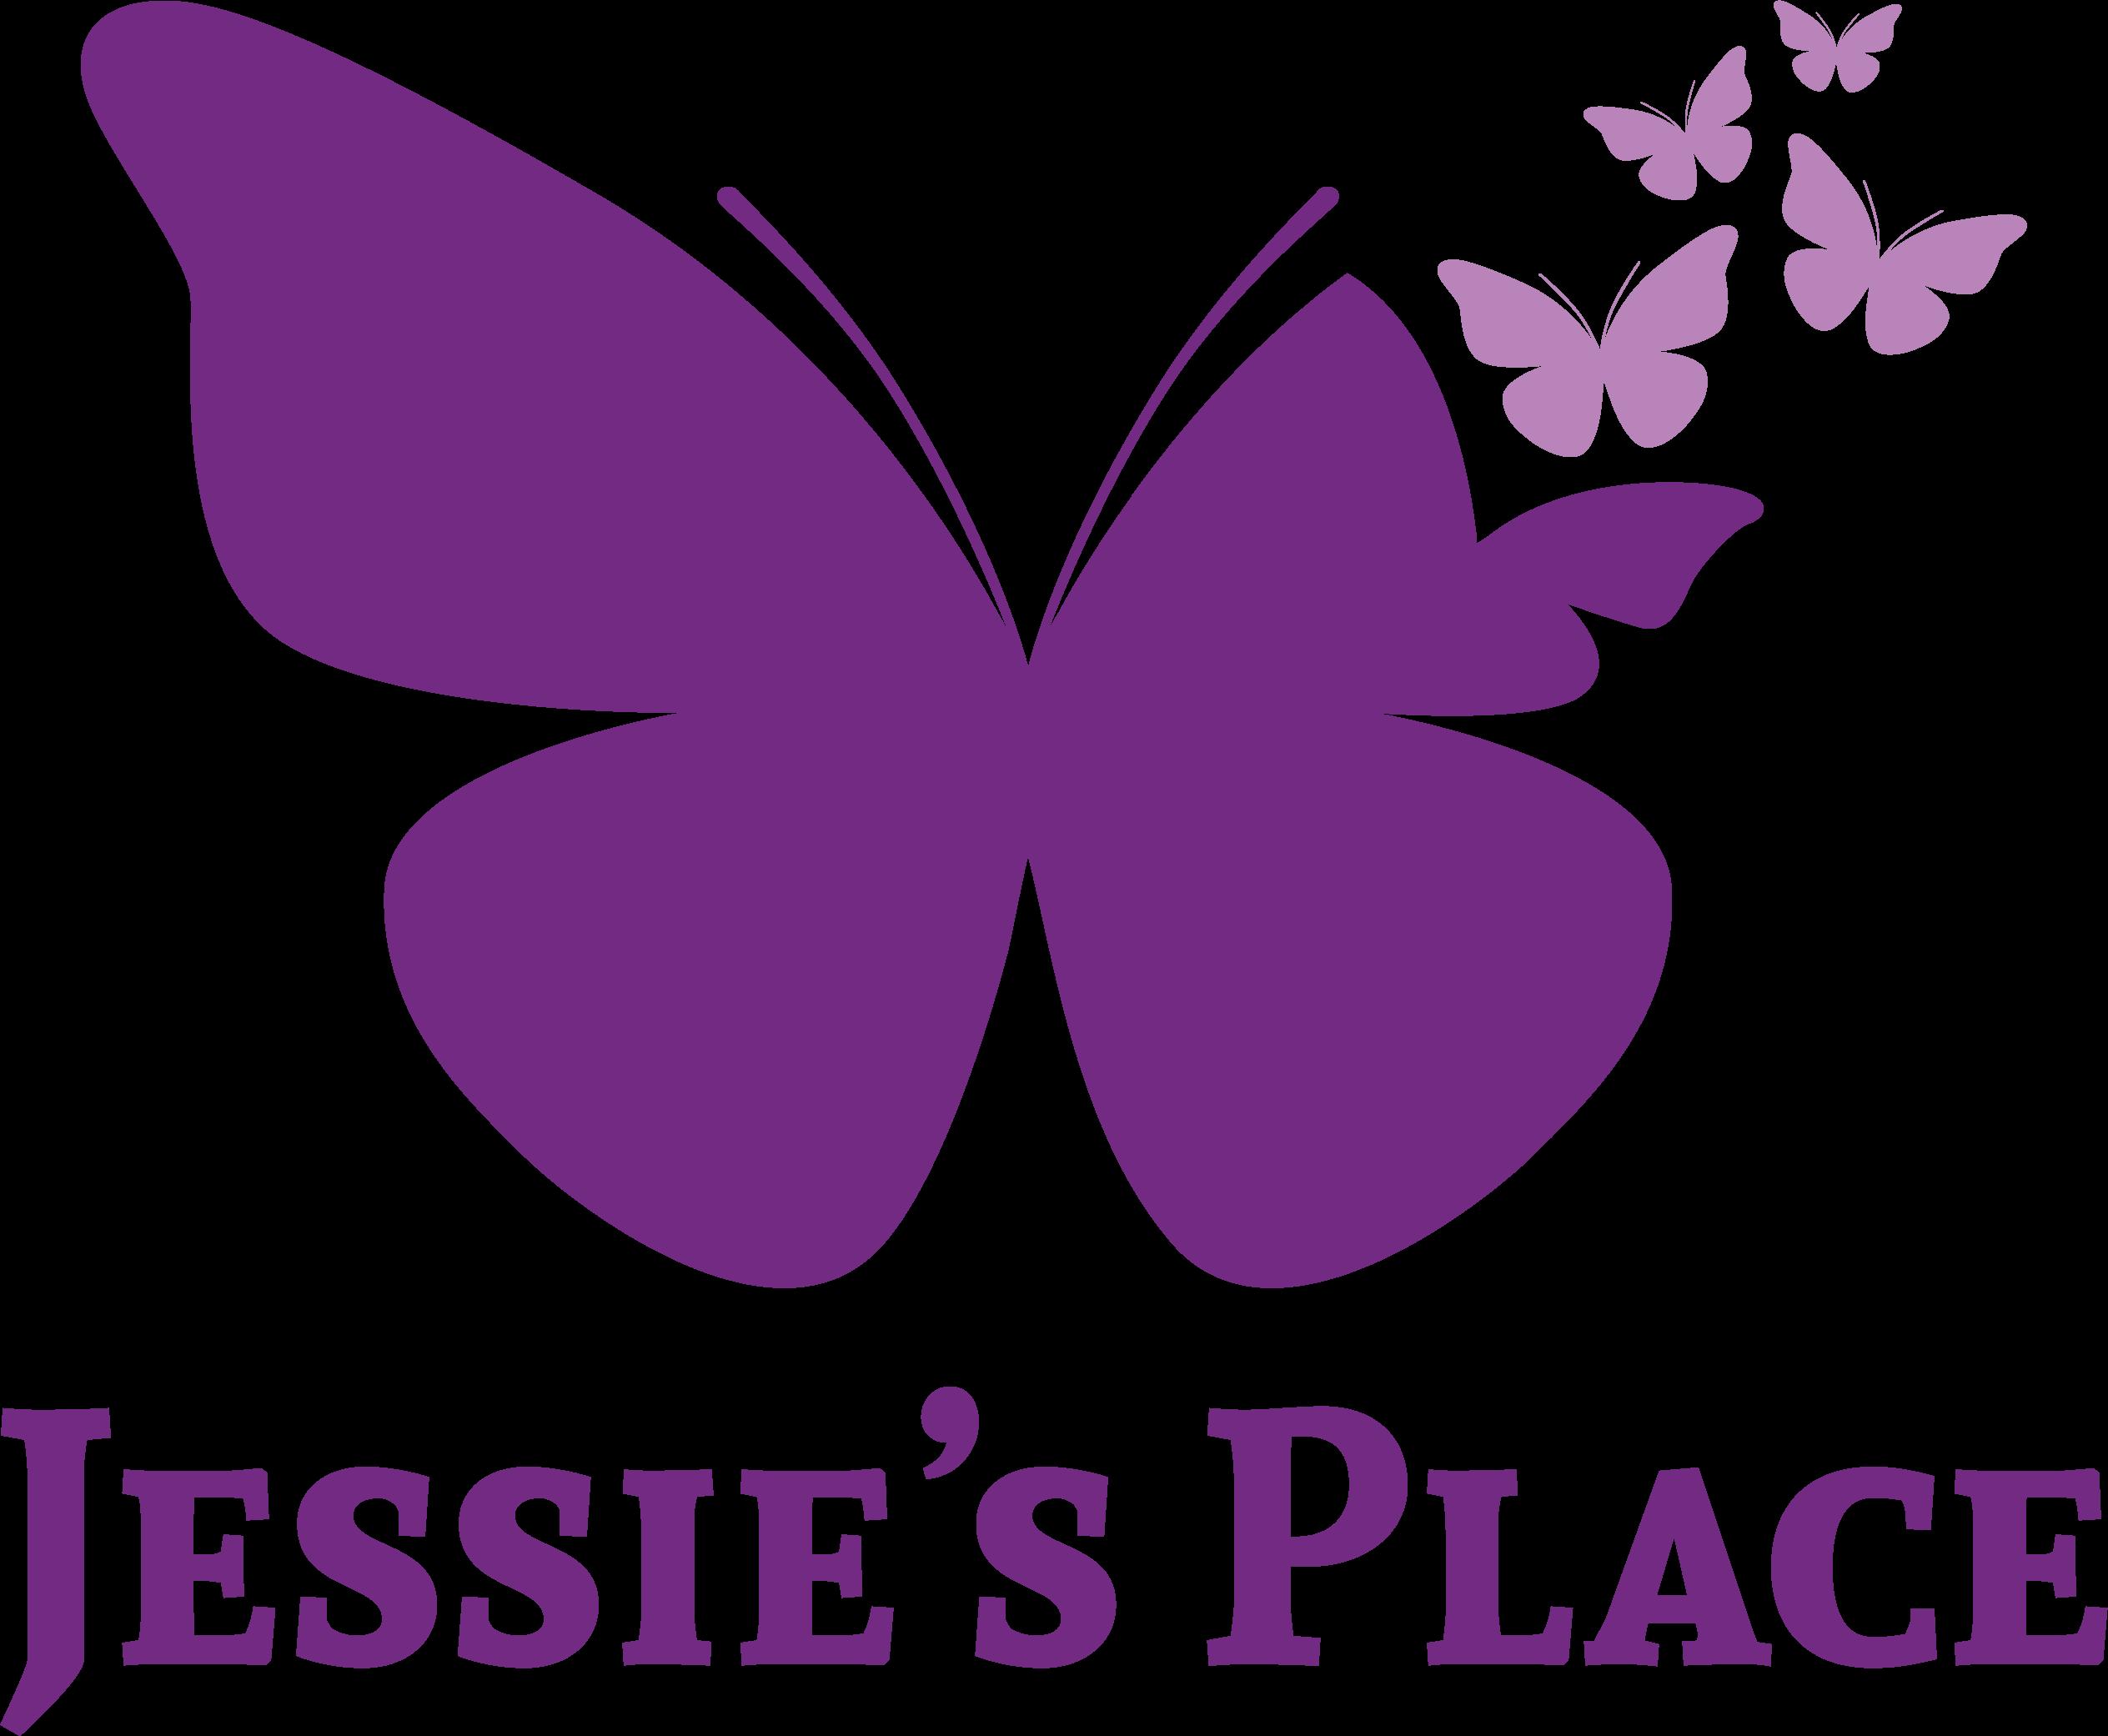 Jessie's Place